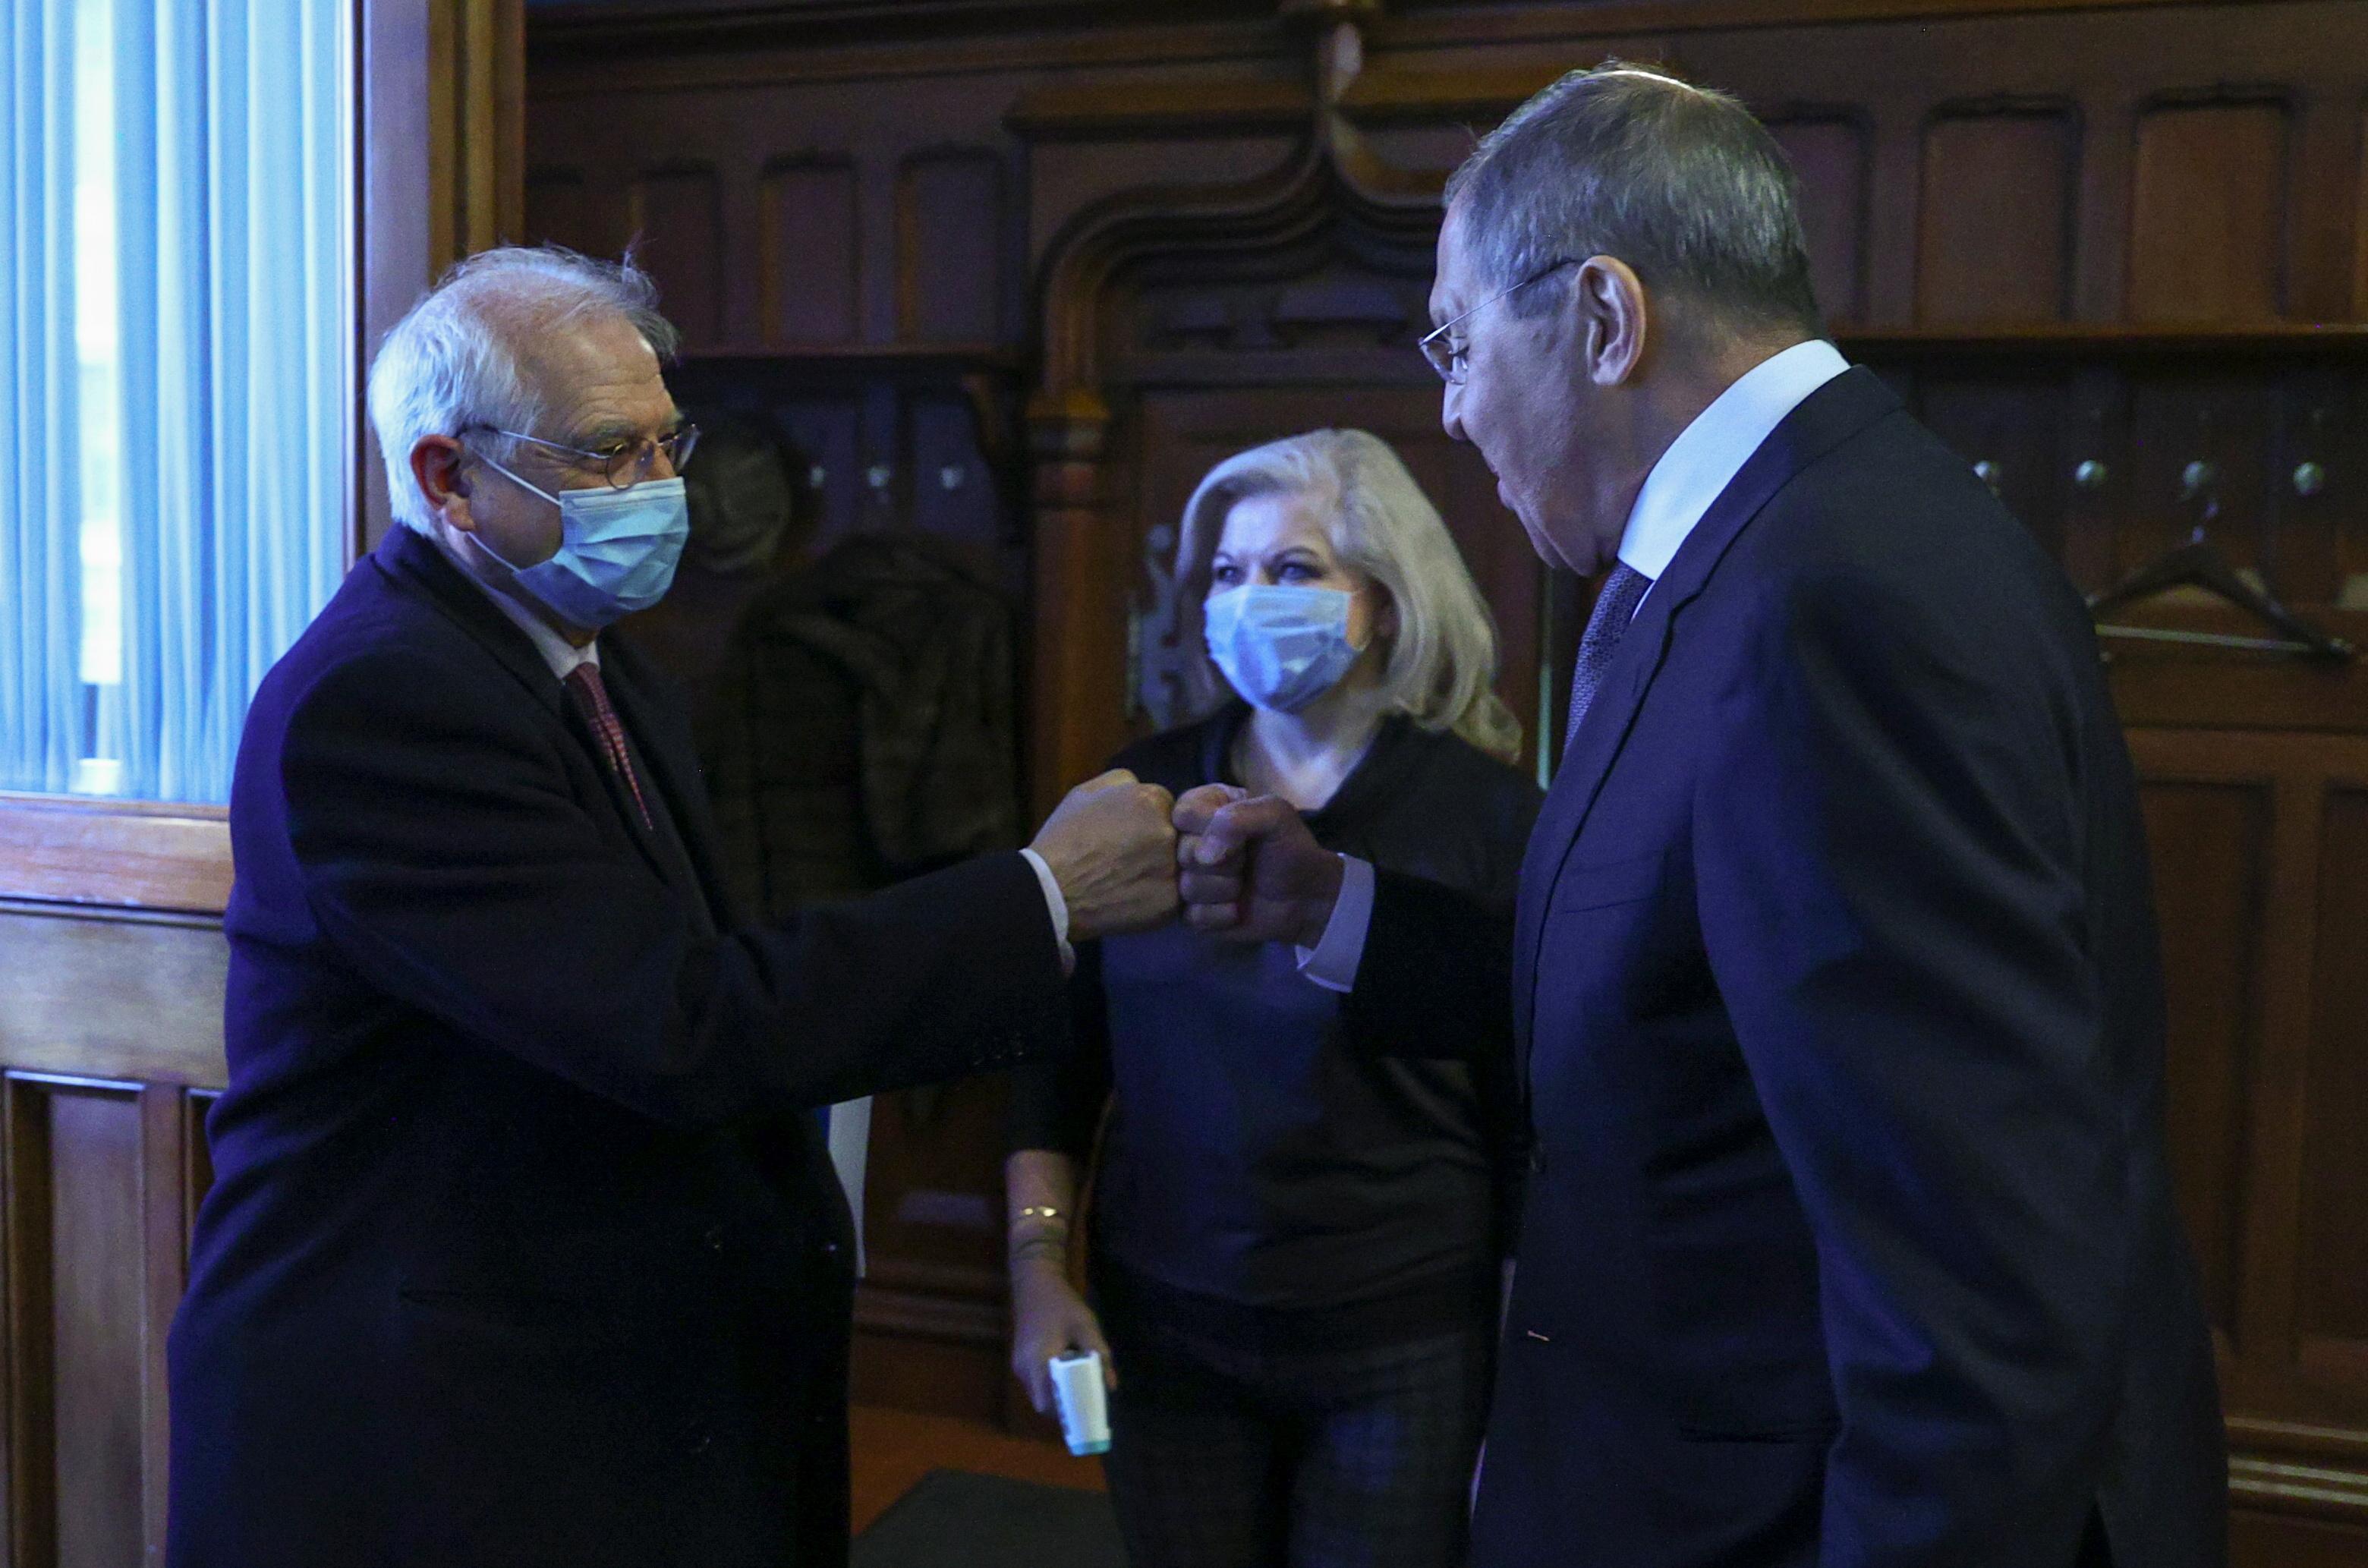 El Alto Representante Josep Borrell con el ministro de Aunstos Exteriores ruso, Sergei Lavrov.